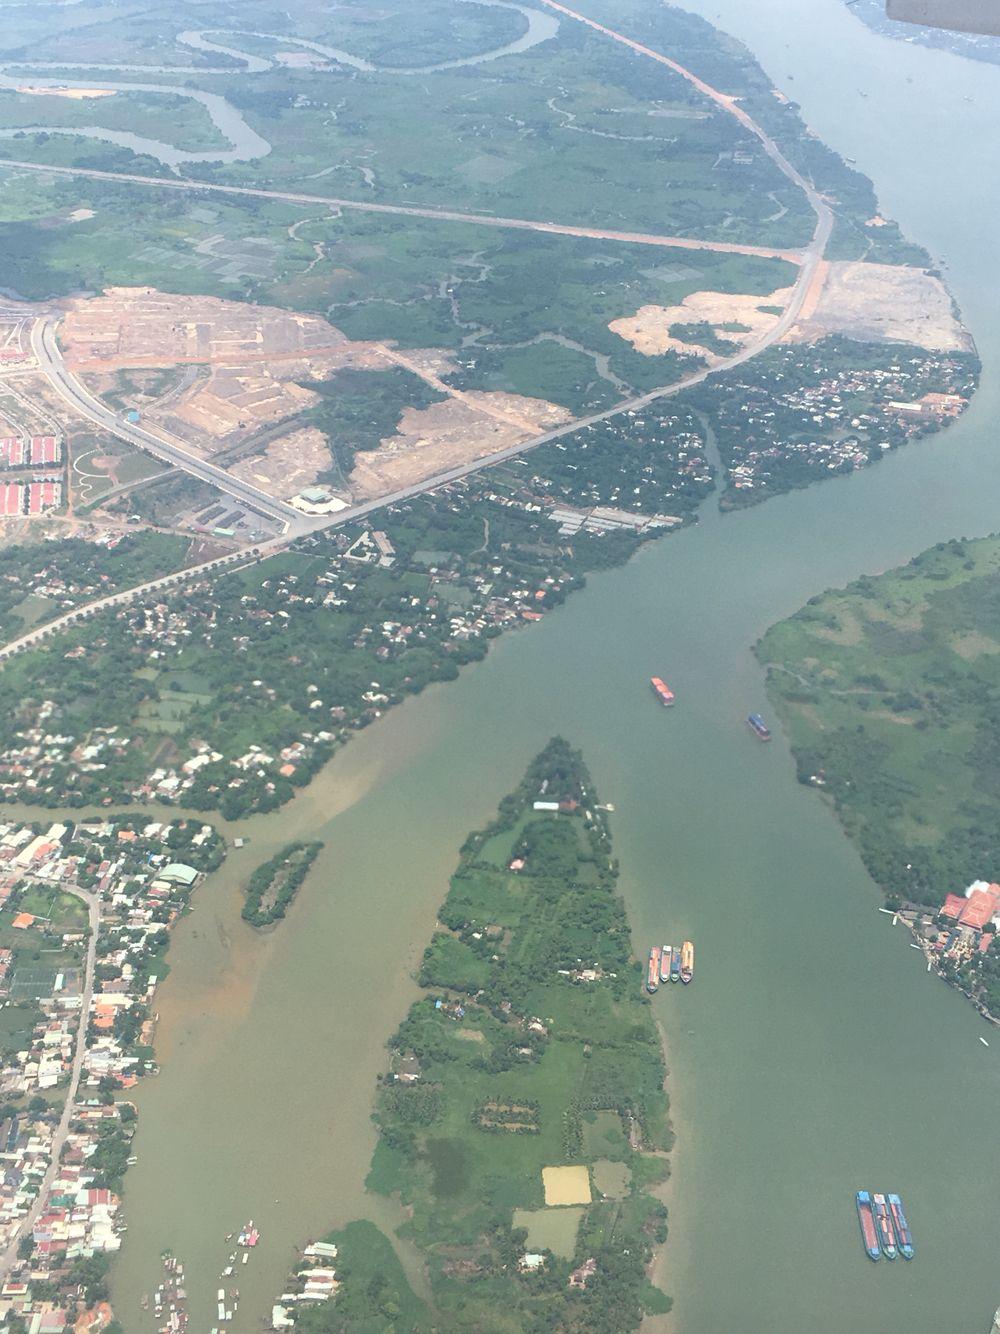 Mekong Delta from the air, Vietnam